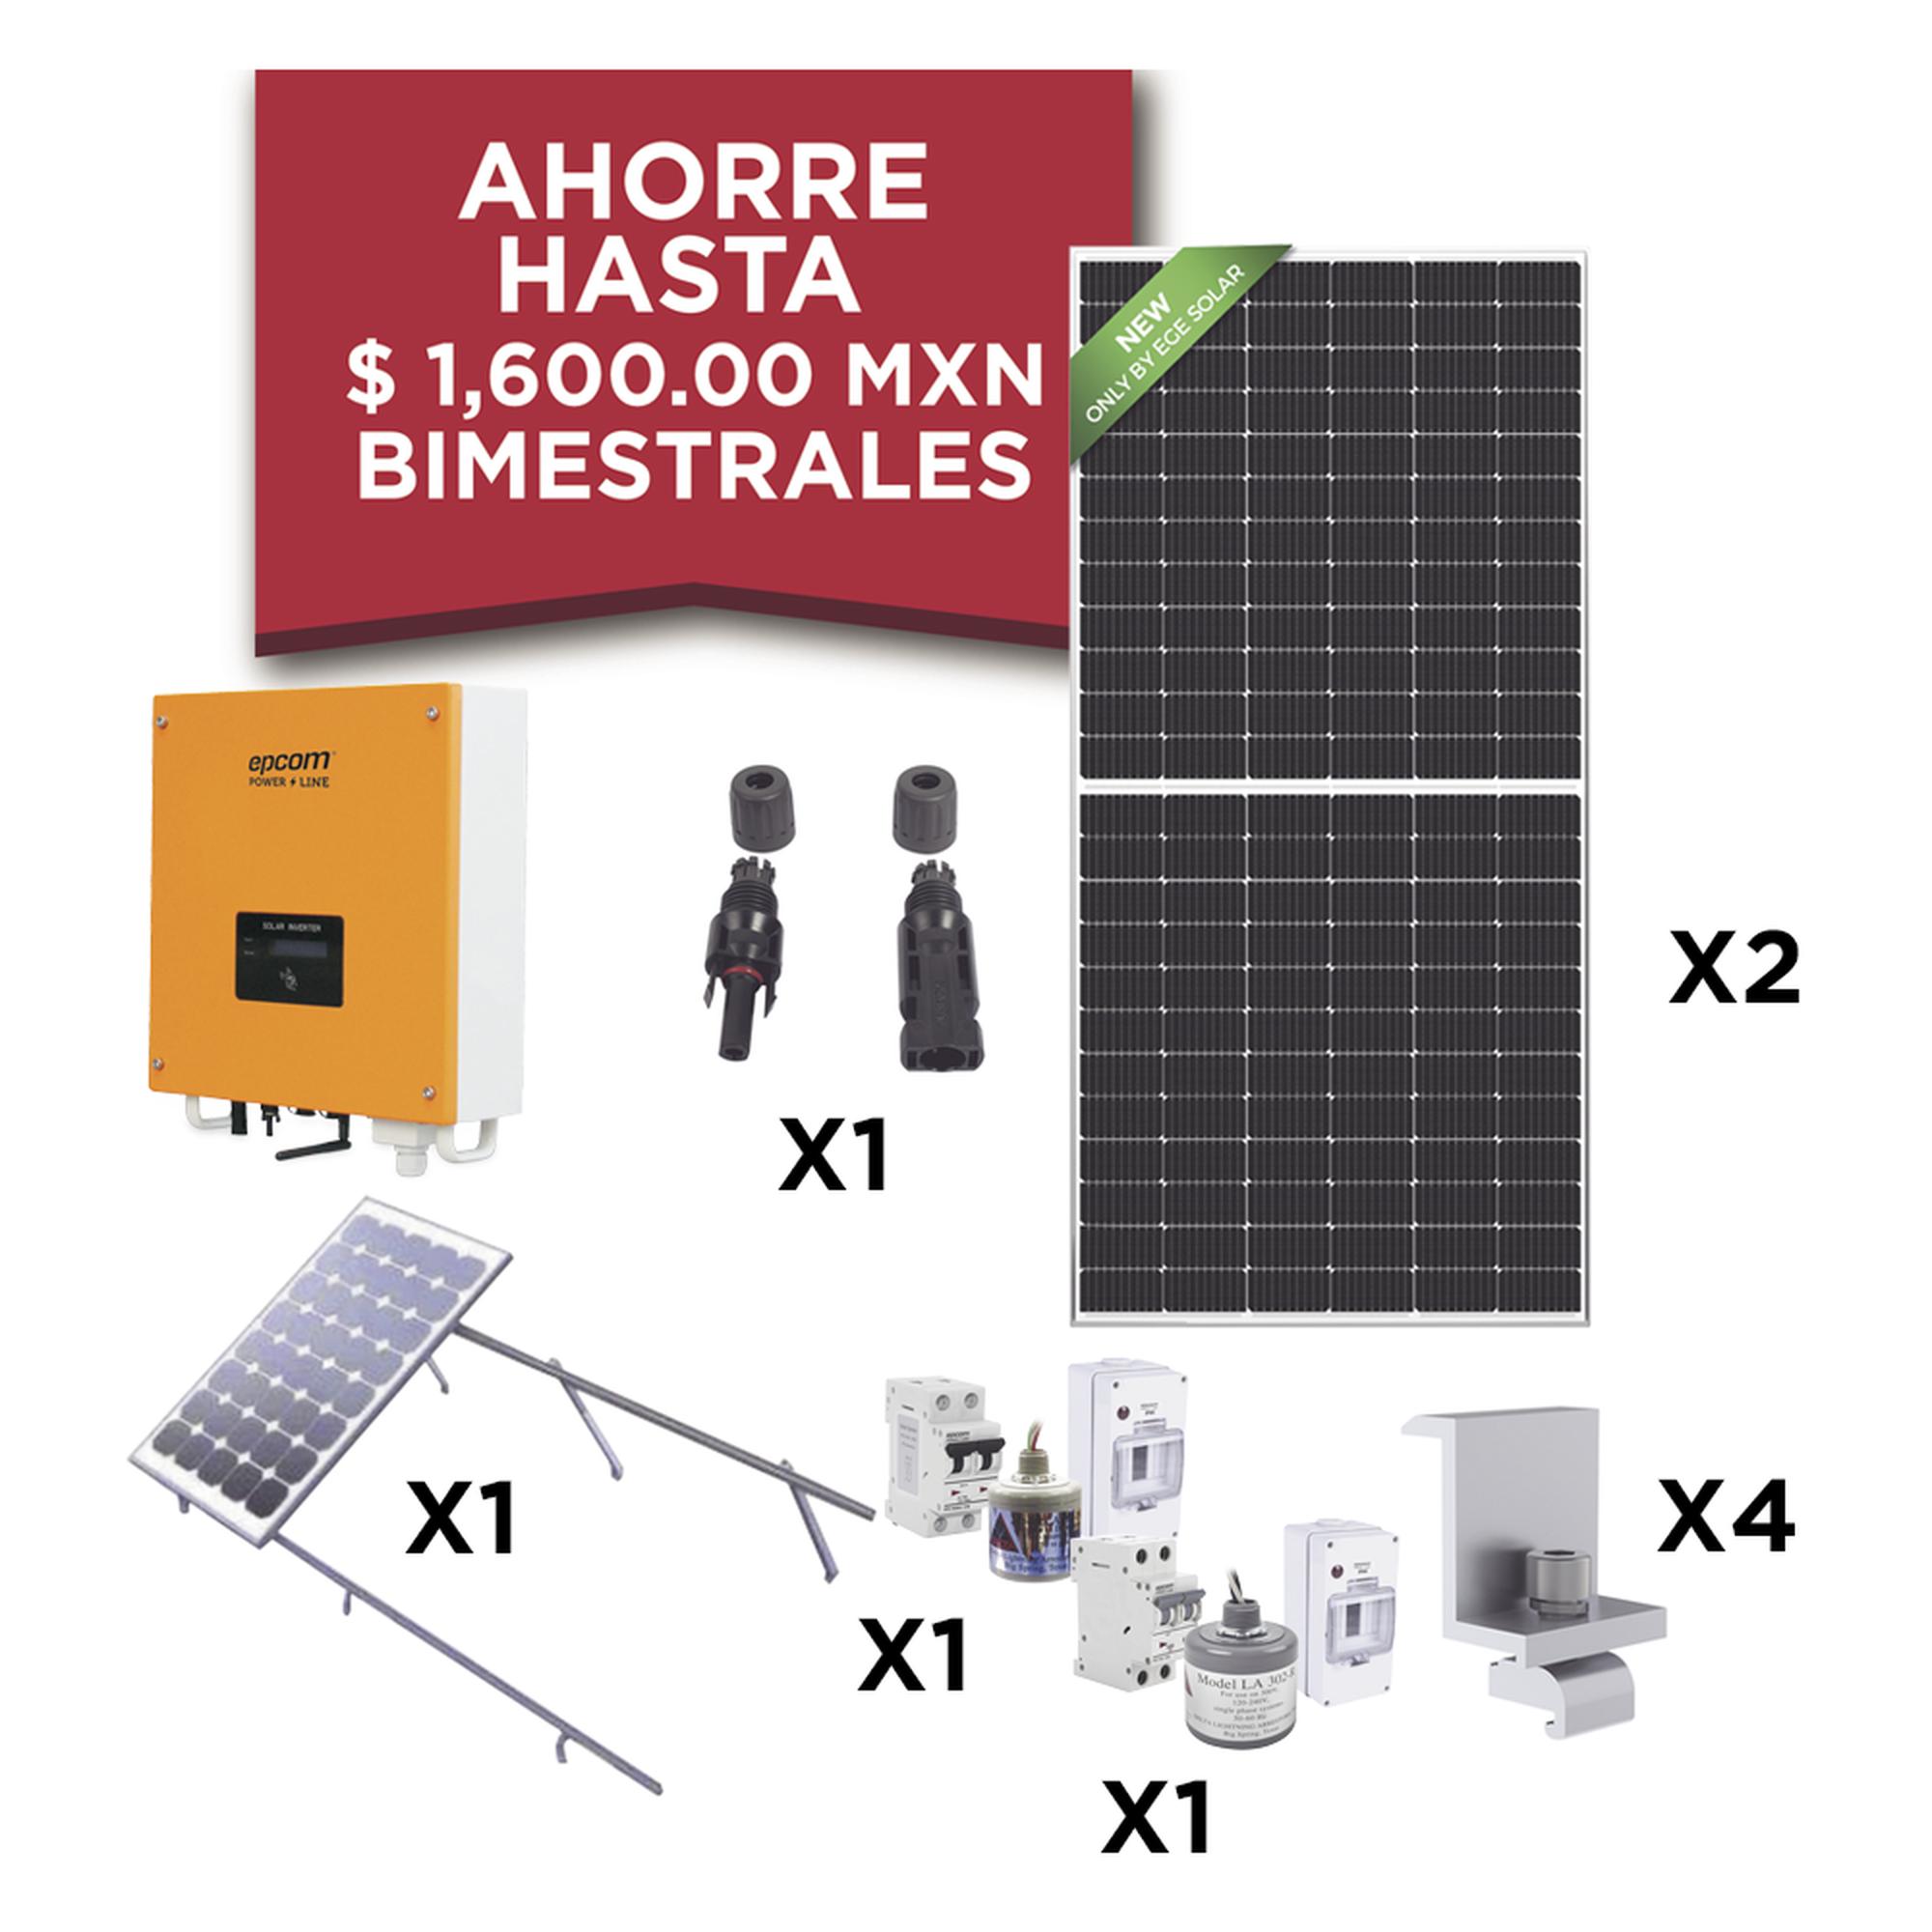 Kit Solar para Interconexión de 1 KW de Potencia, 220 Vca con Inversor de Cadena y Paneles Monocristalinos de 450 W